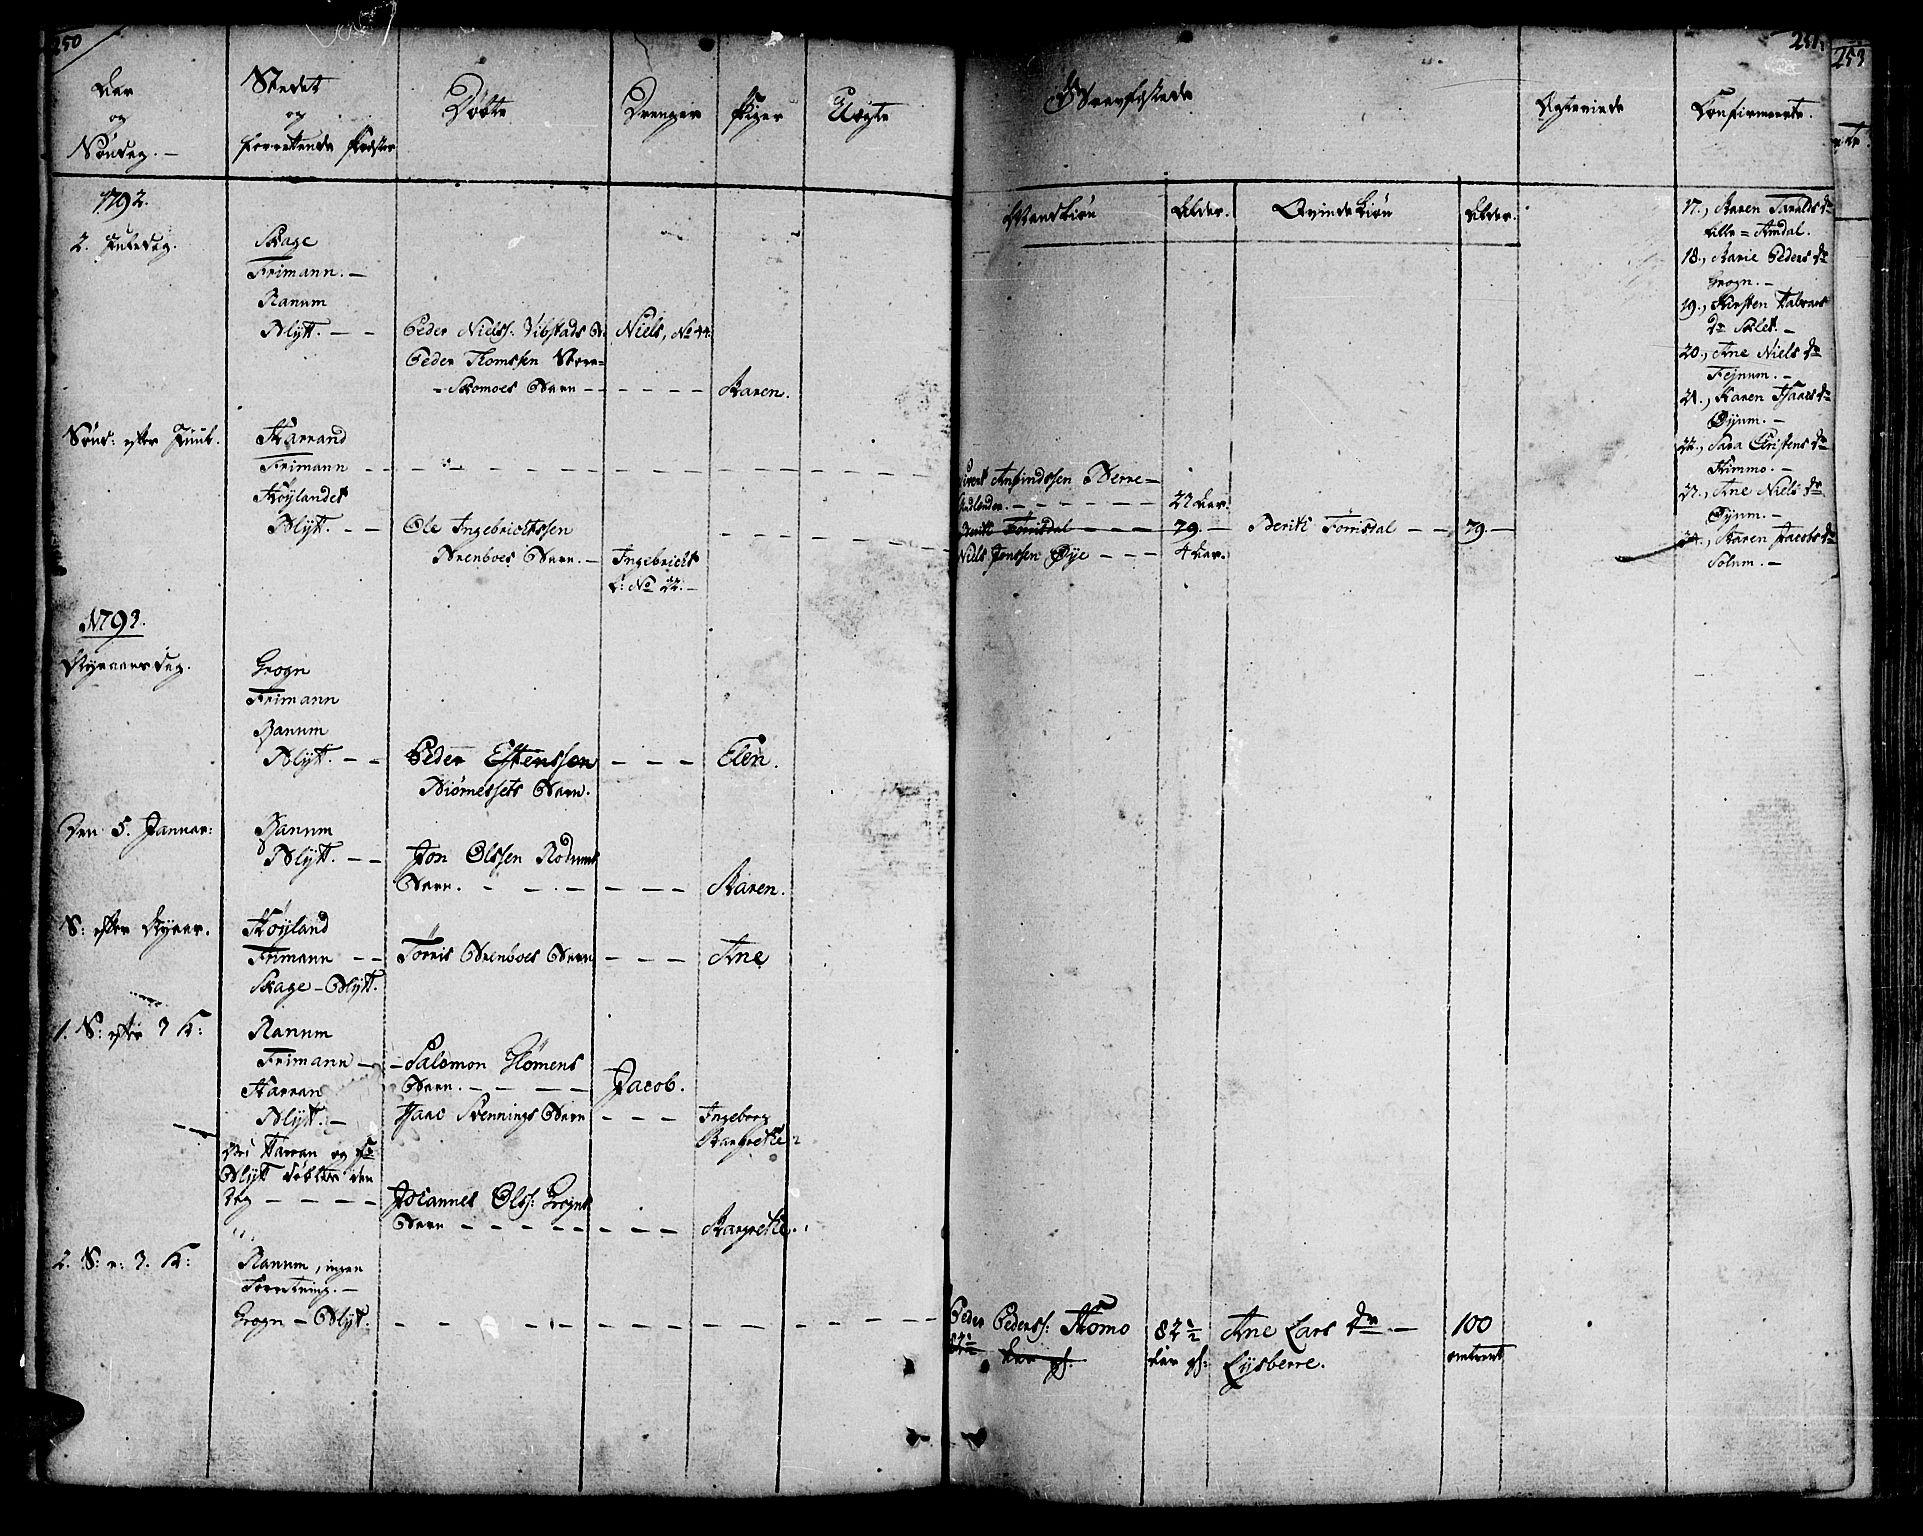 SAT, Ministerialprotokoller, klokkerbøker og fødselsregistre - Nord-Trøndelag, 764/L0544: Ministerialbok nr. 764A04, 1780-1798, s. 250-251